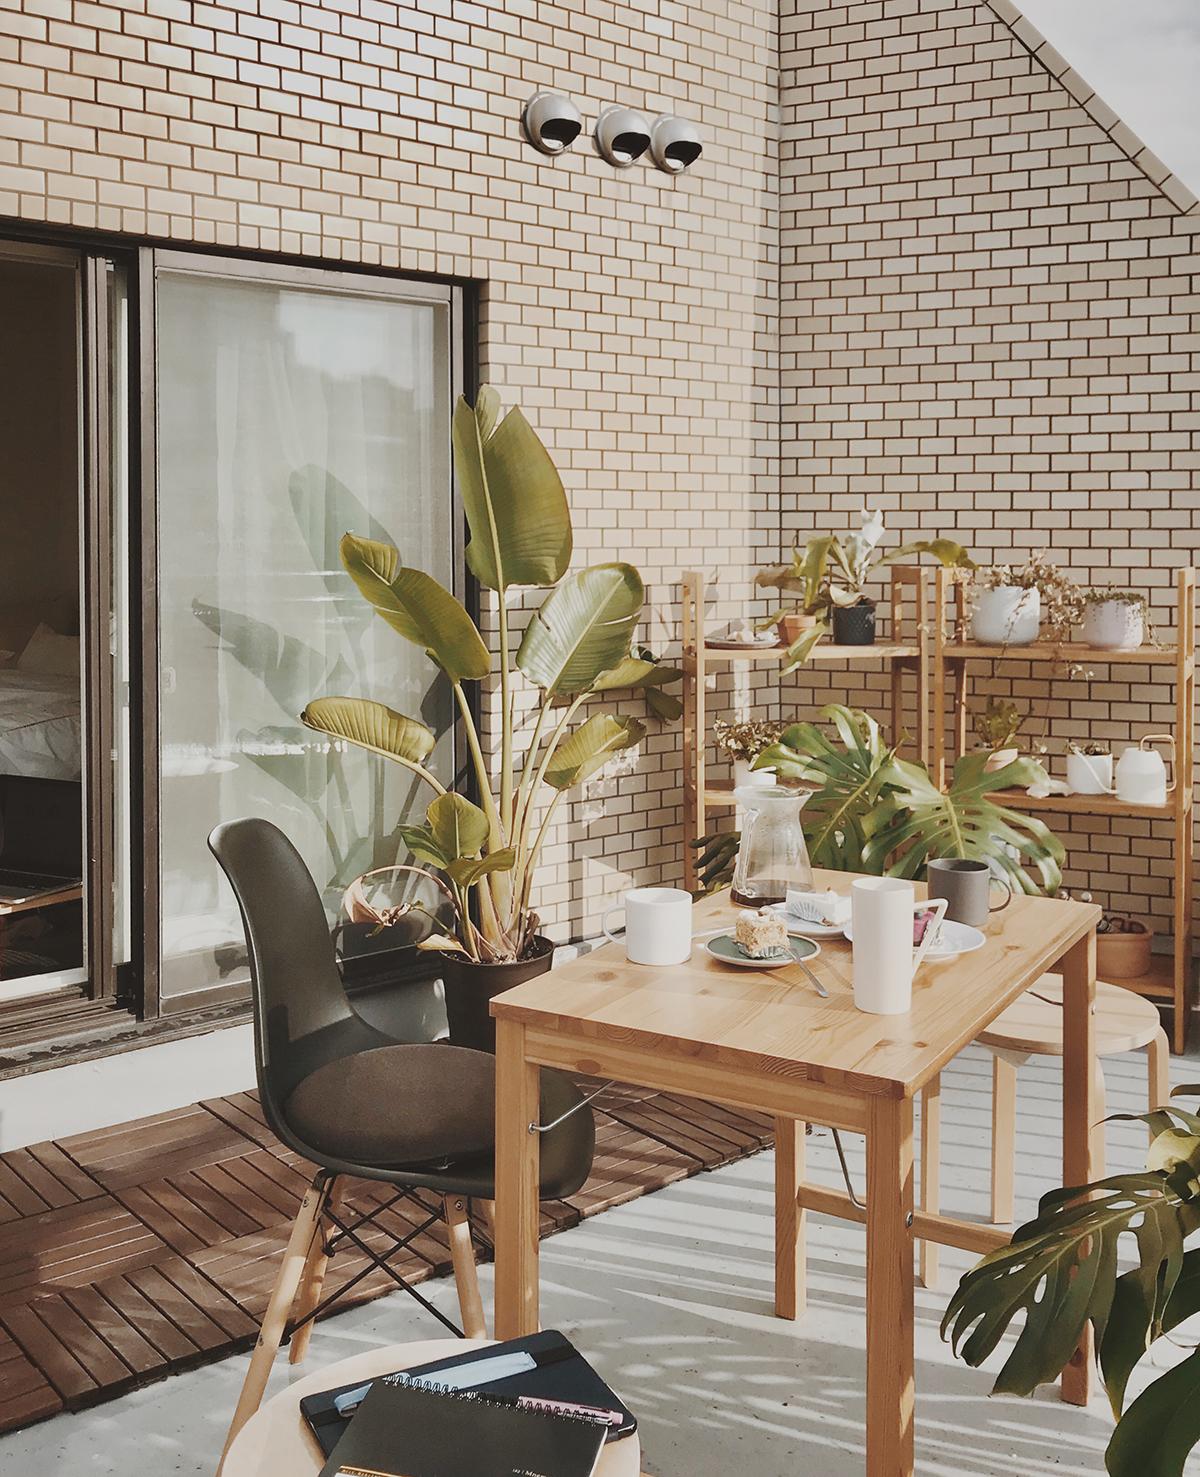 Căn hộ 33m2 có hiên nhà ngập nắng của nữ kiến trúc sư ở thủ đô - Ảnh 6.